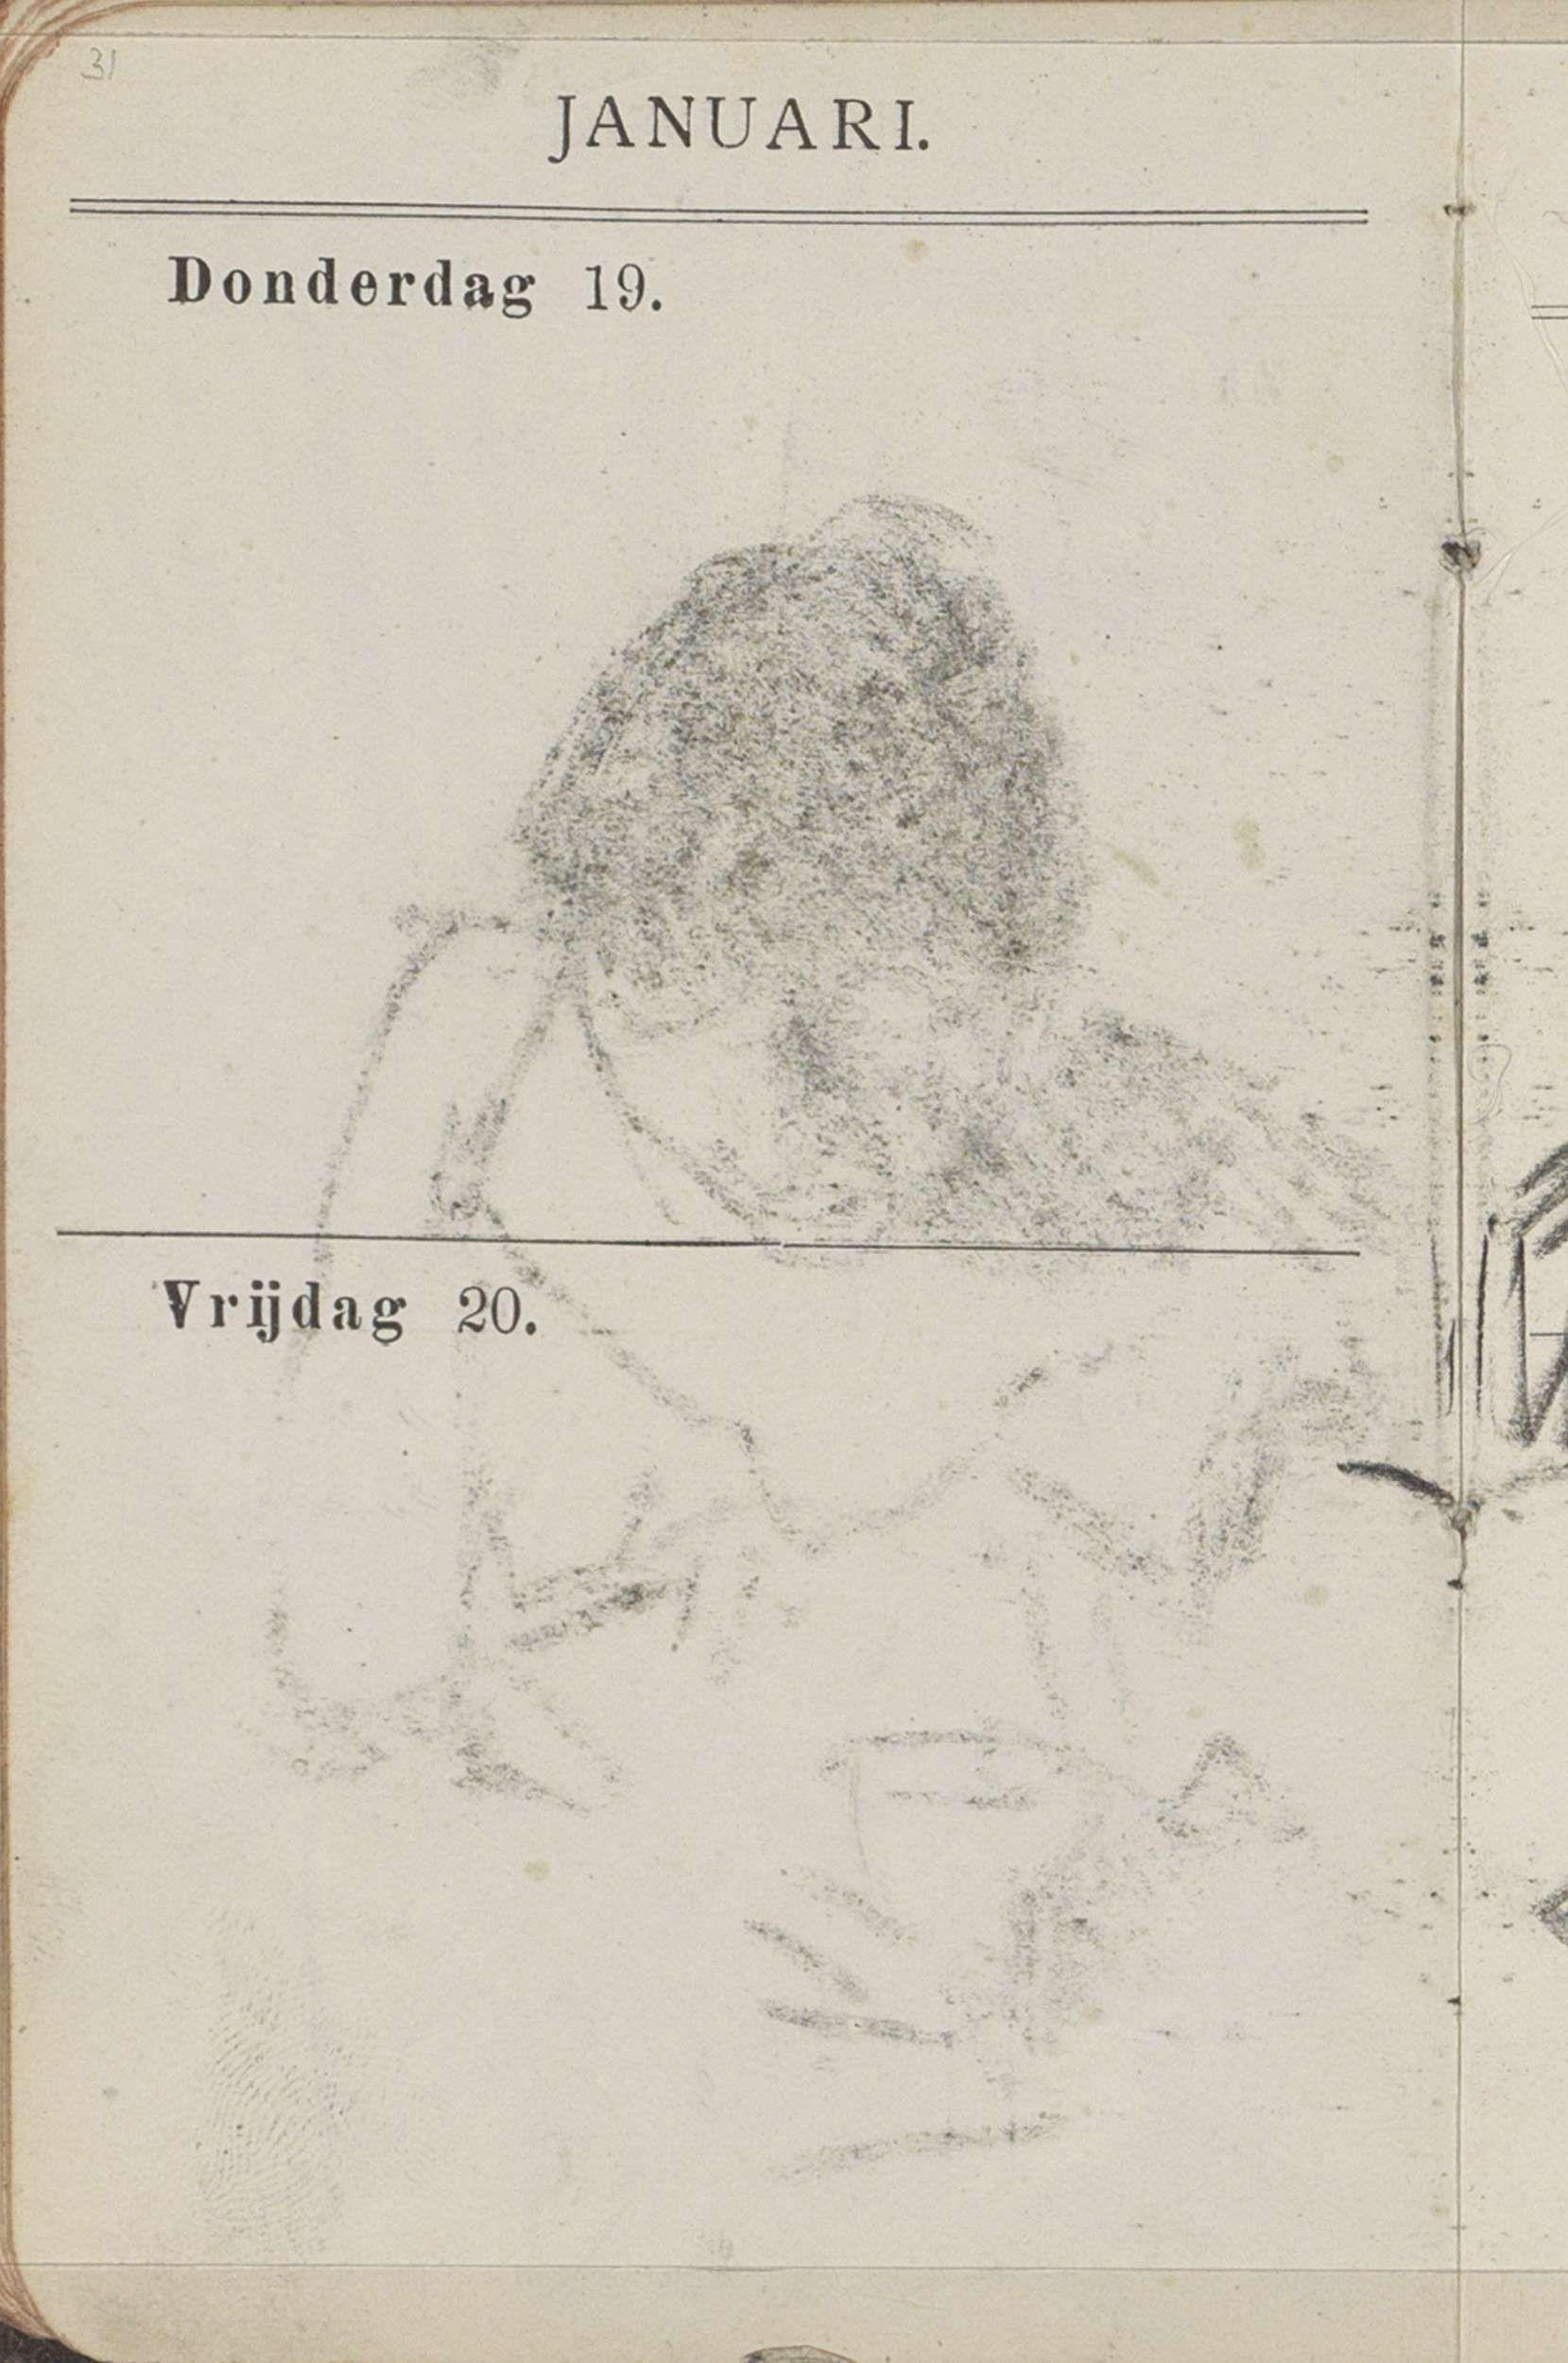 George Hendrik Breitner | Pagina 31: Blanco, George Hendrik Breitner, c. 1893 | Geen voorstelling, alleen gedrukte gegevens. Pagina 31 uit een als schetsboek gebruikte agenda met 108 bladen.